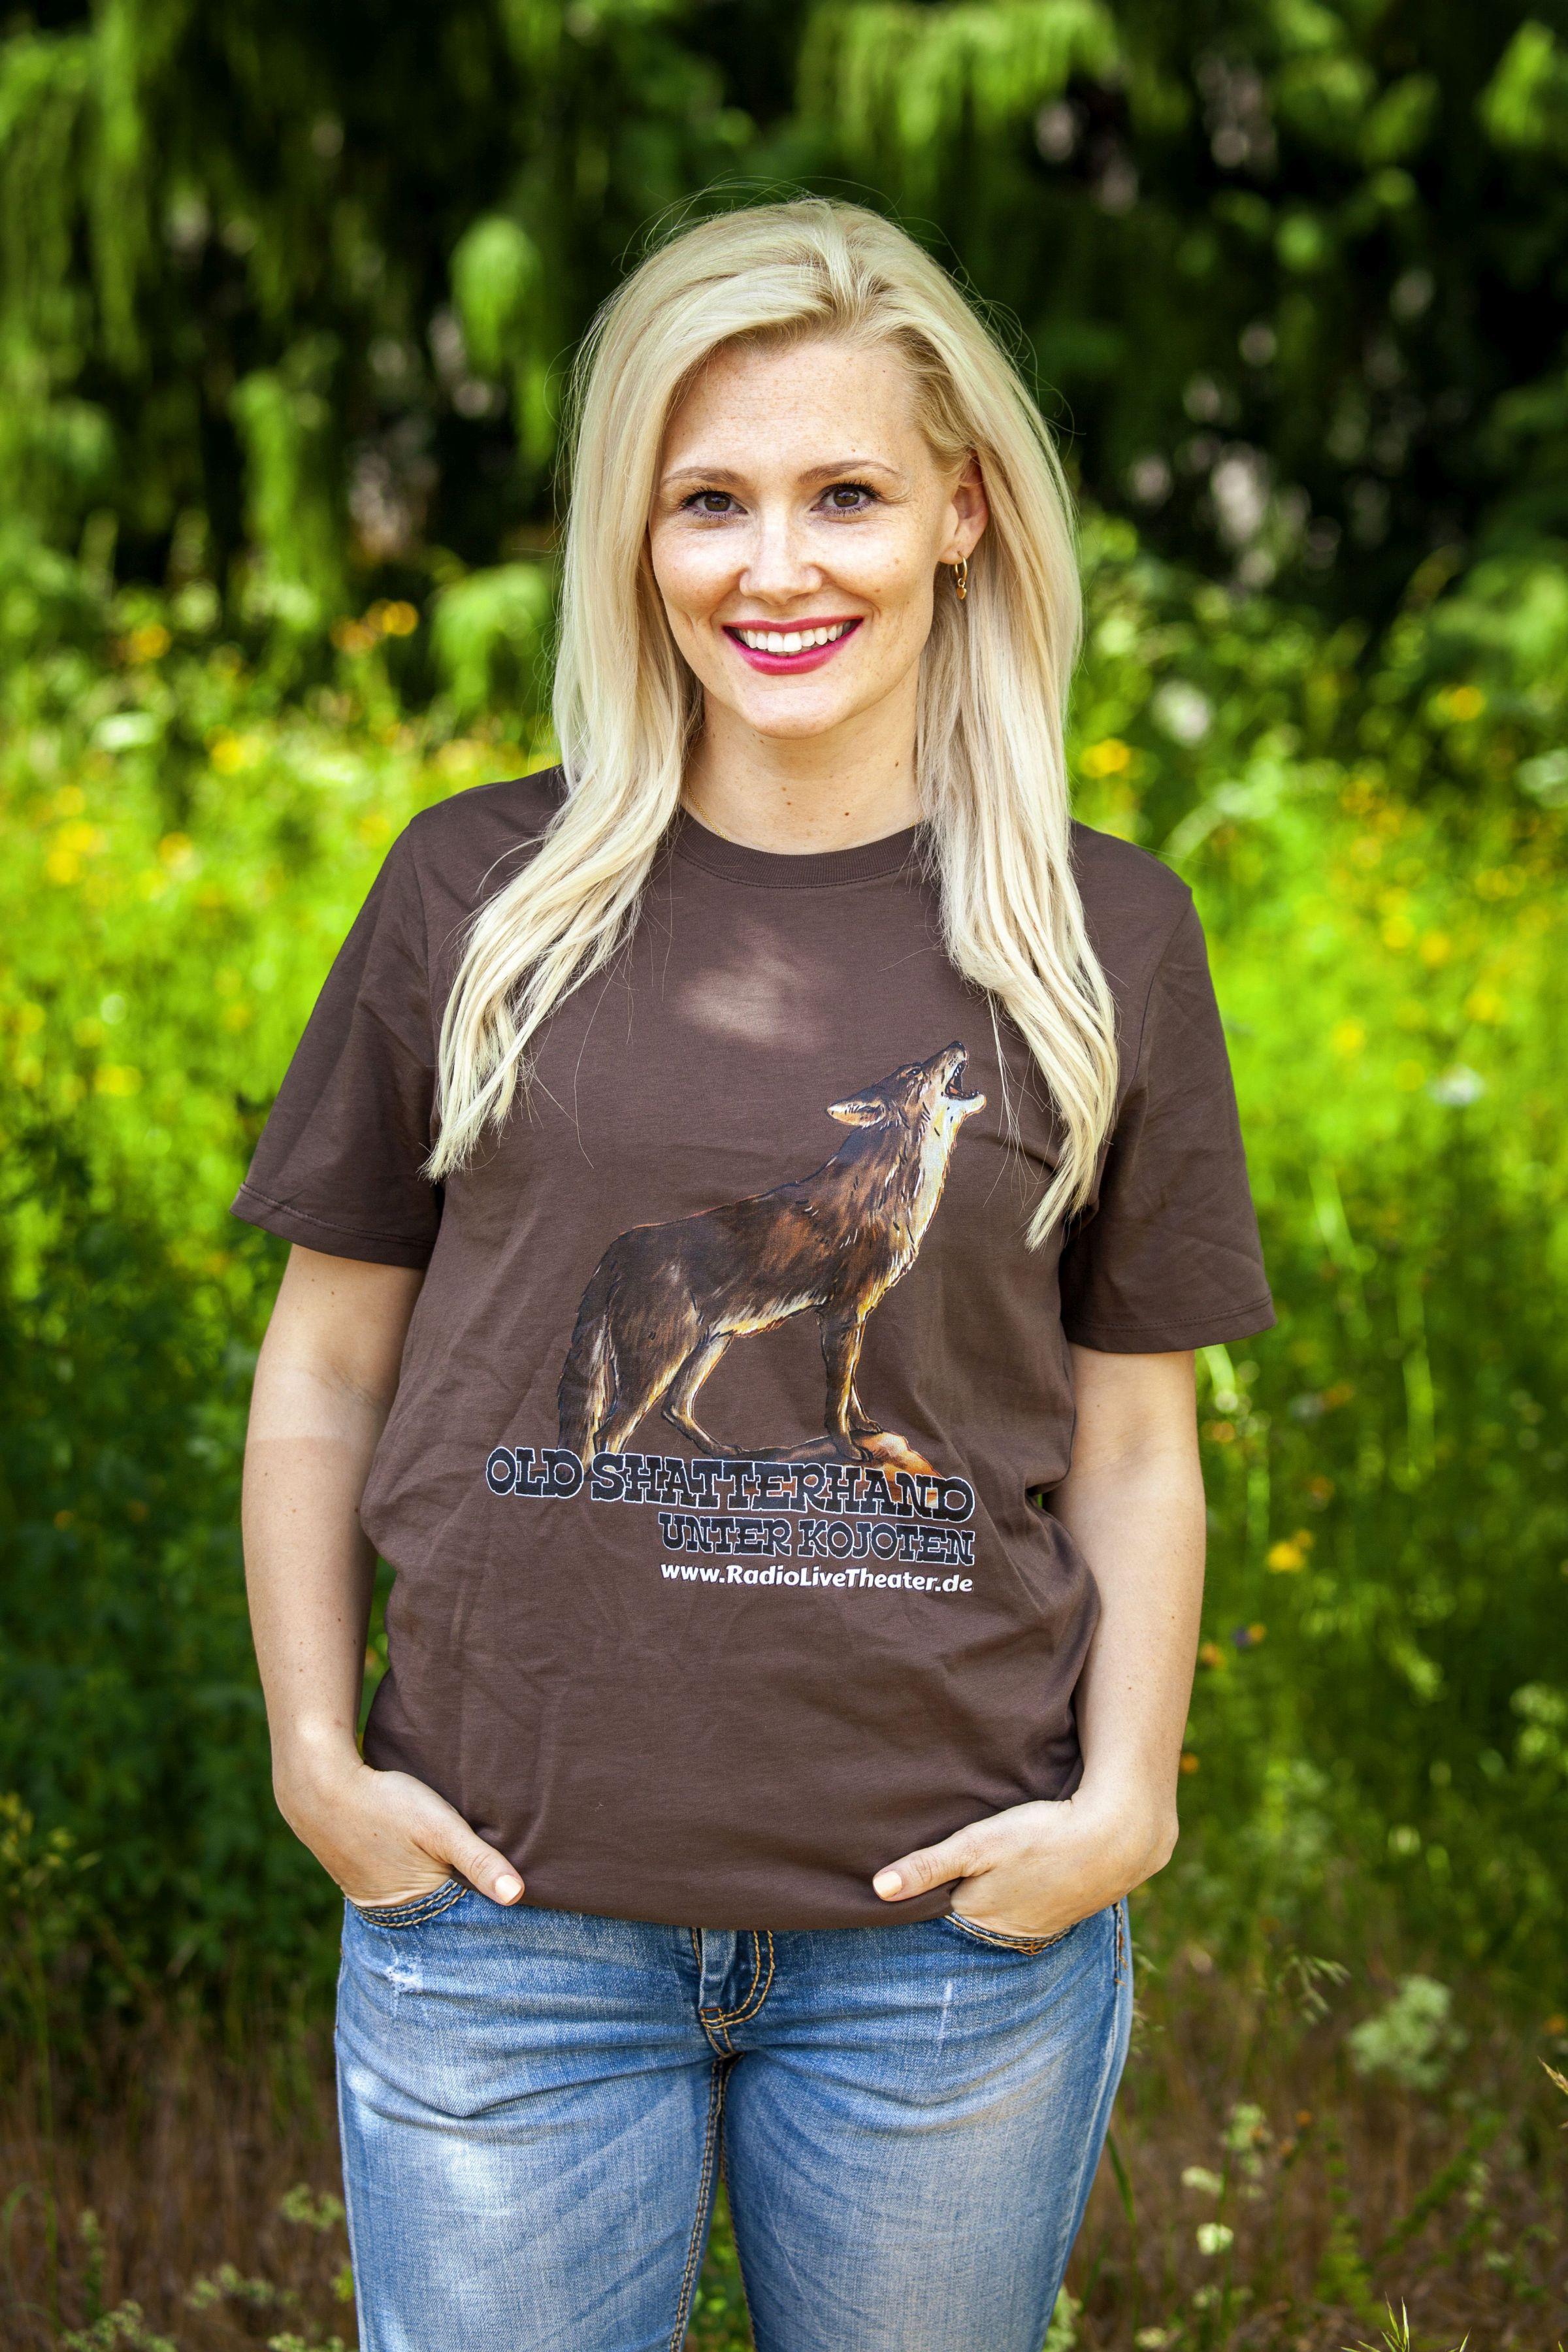 Old Shatterhand unter Kojoten - T-Shirt (S)